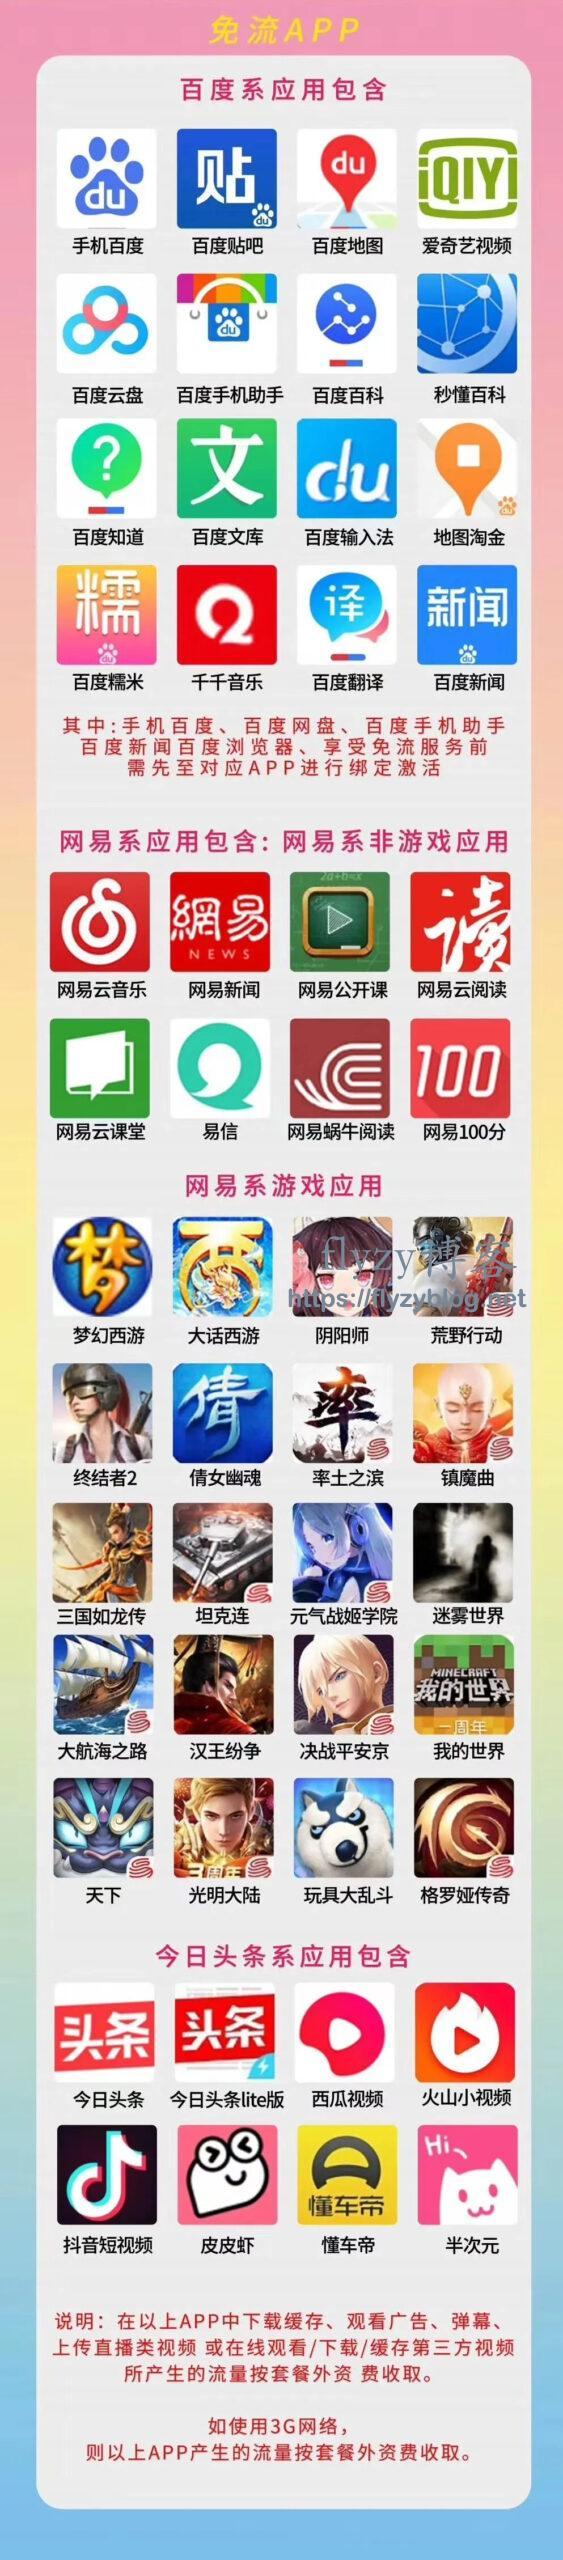 2020年北京电信校园卡支持的免流软件